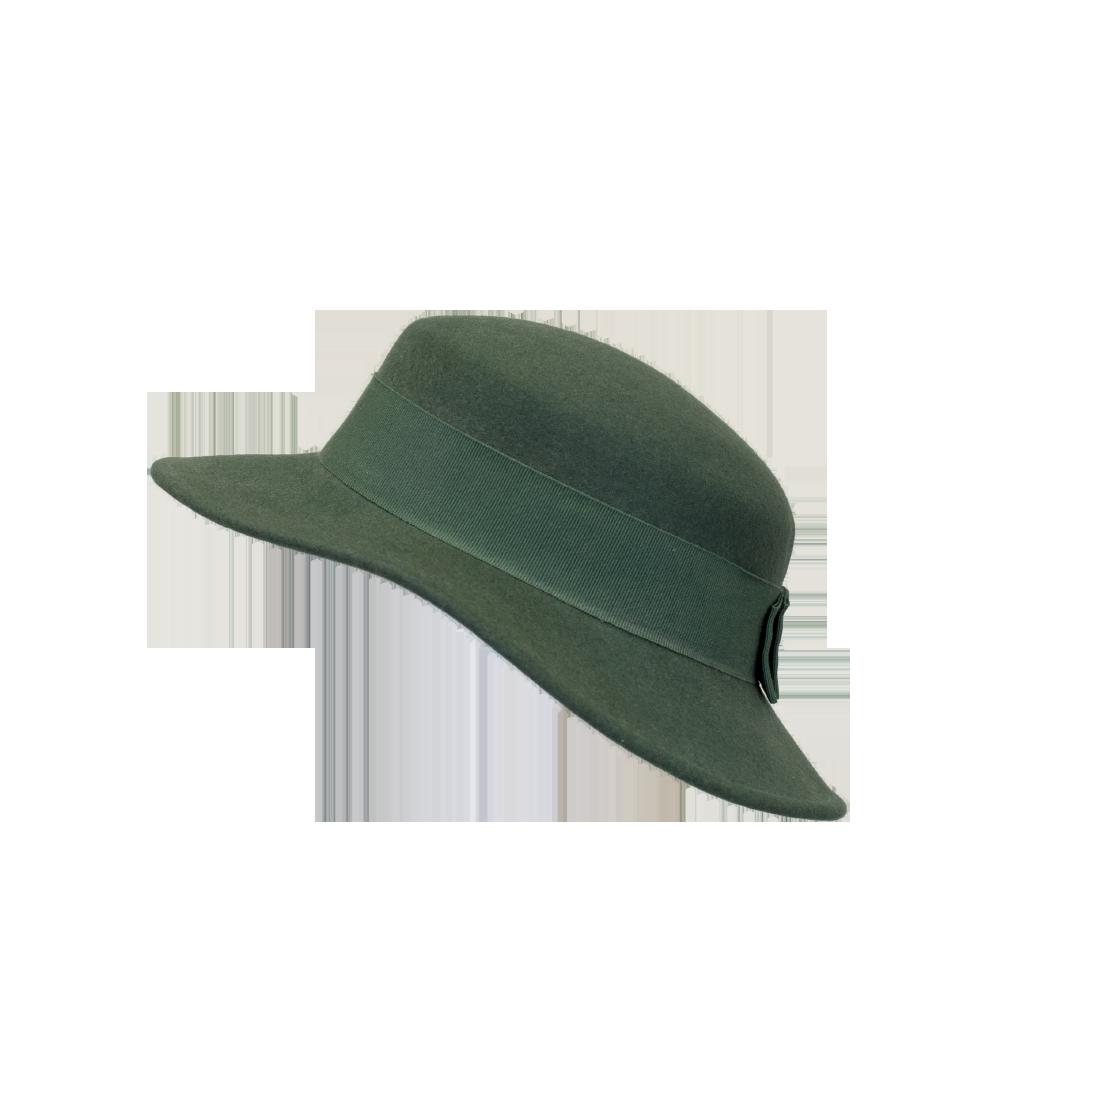 Italialainen vihreä hattu